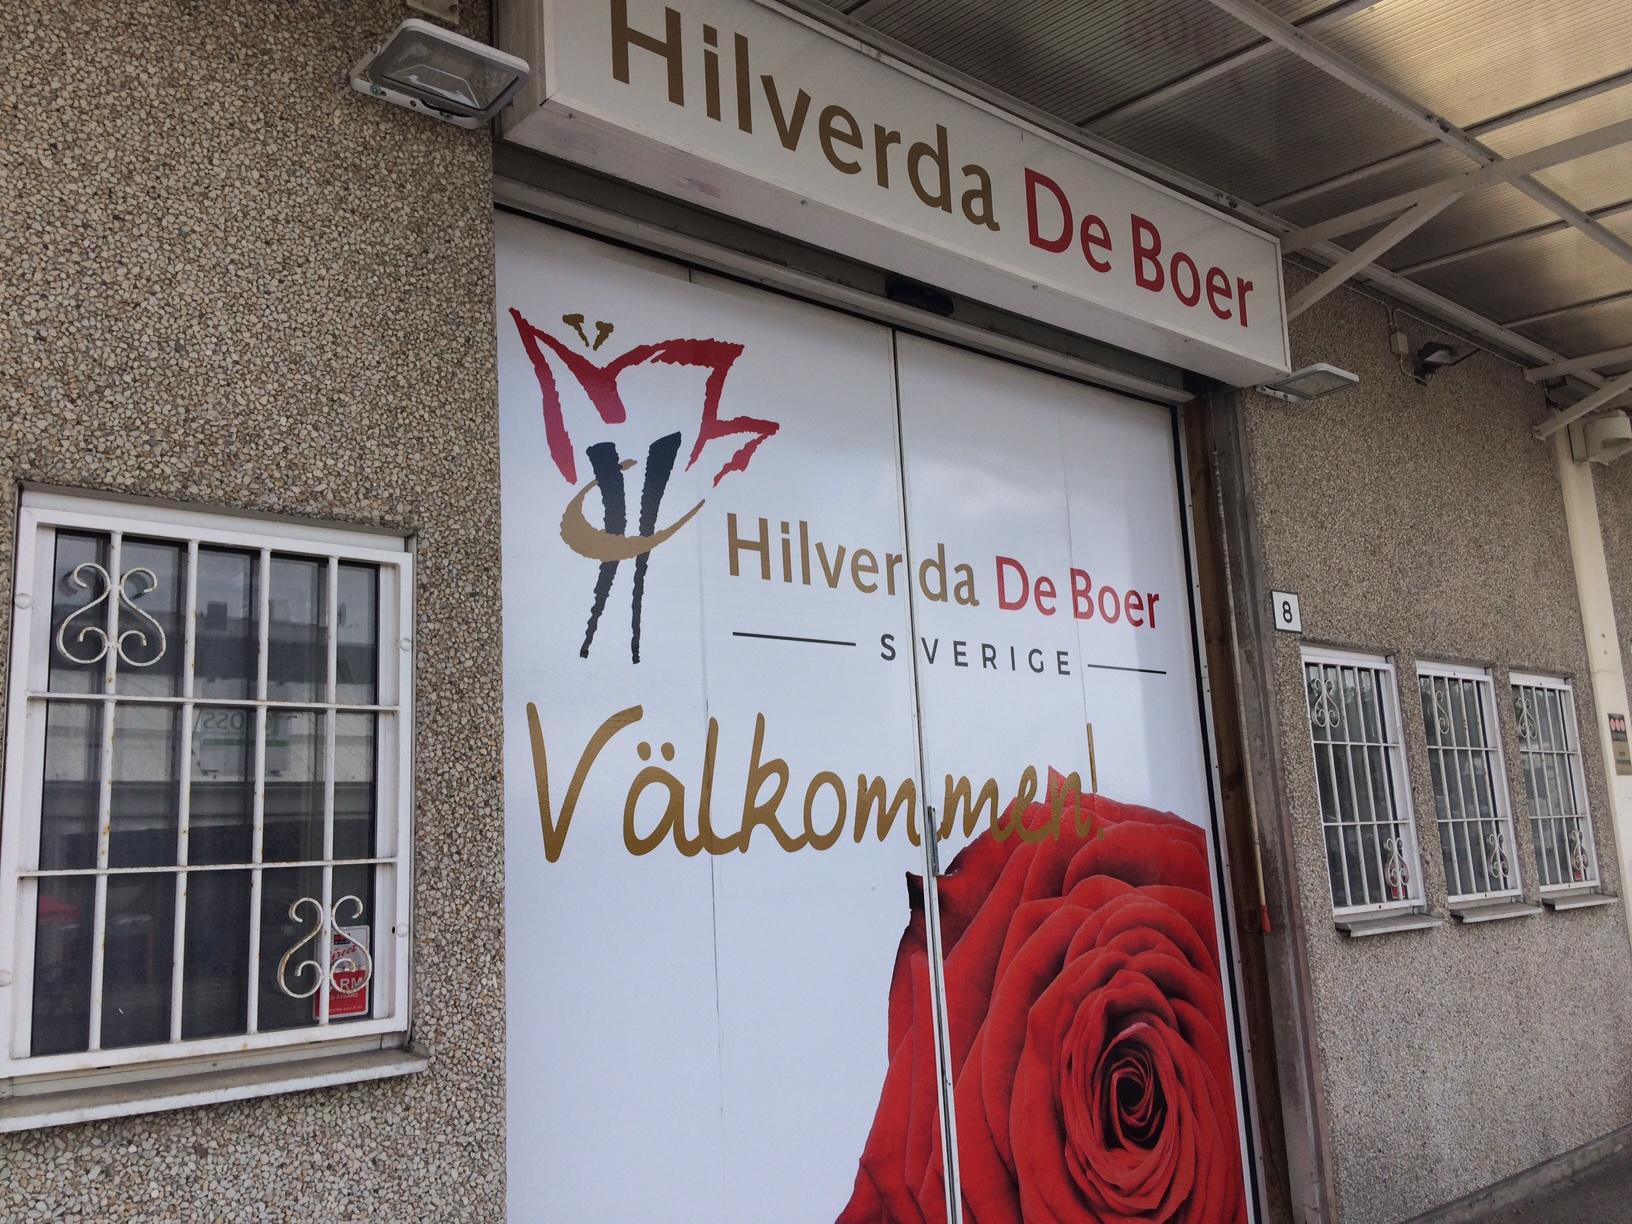 Oppet hus Hilverda De Boer Stockholm